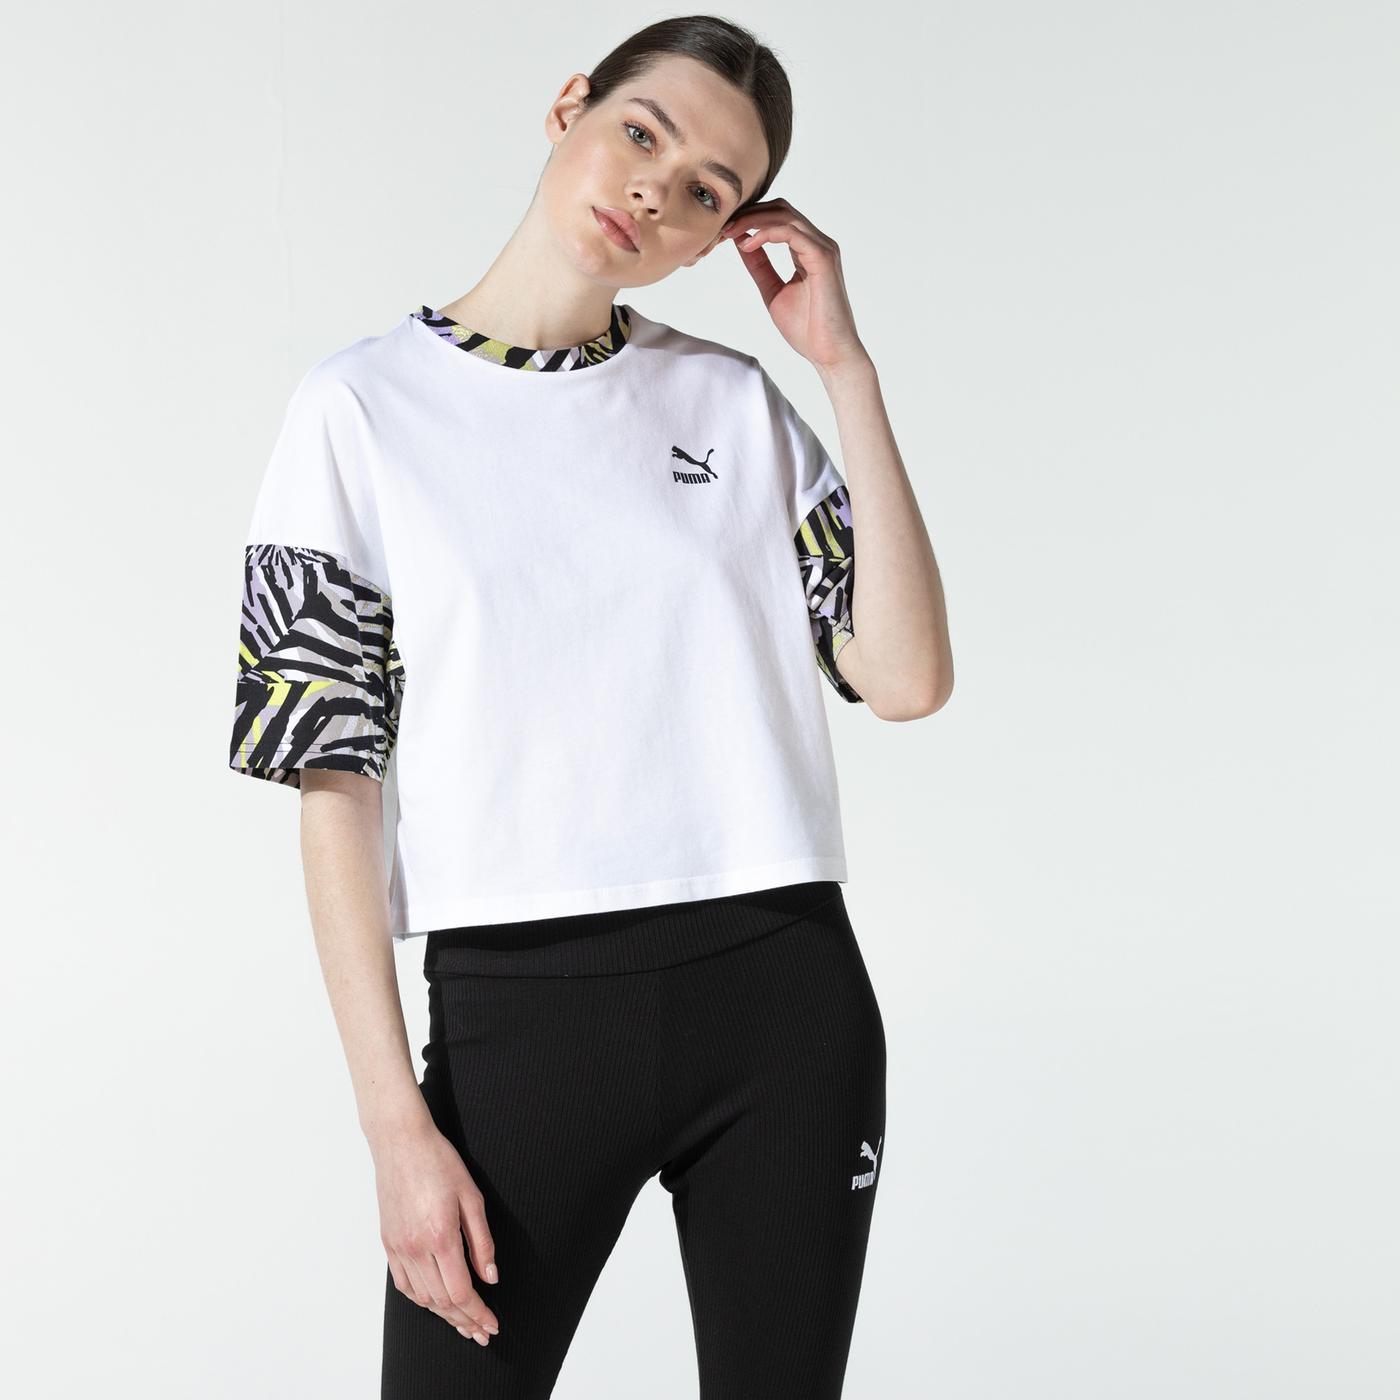 Puma Cg Boyfriend Kadın Beyaz T-Shirt